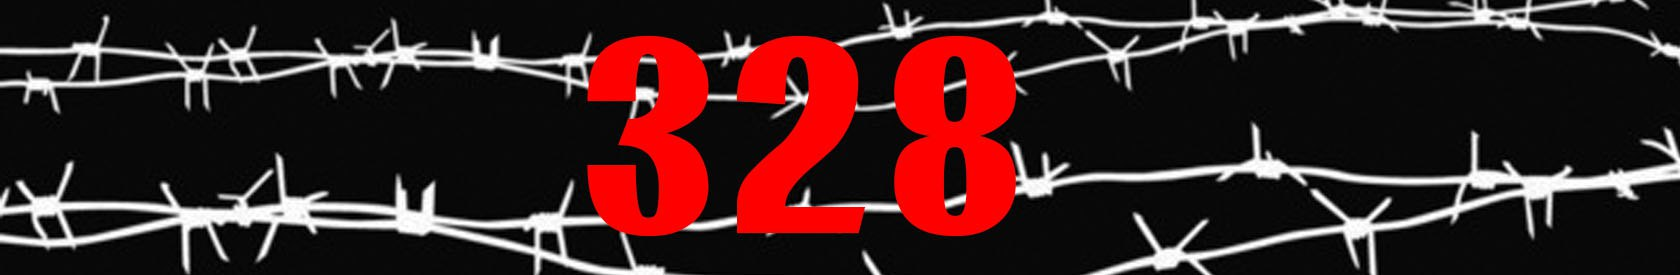 Kinderrechtsverletzungen an minderjährigen Inhaftierten in Belarus